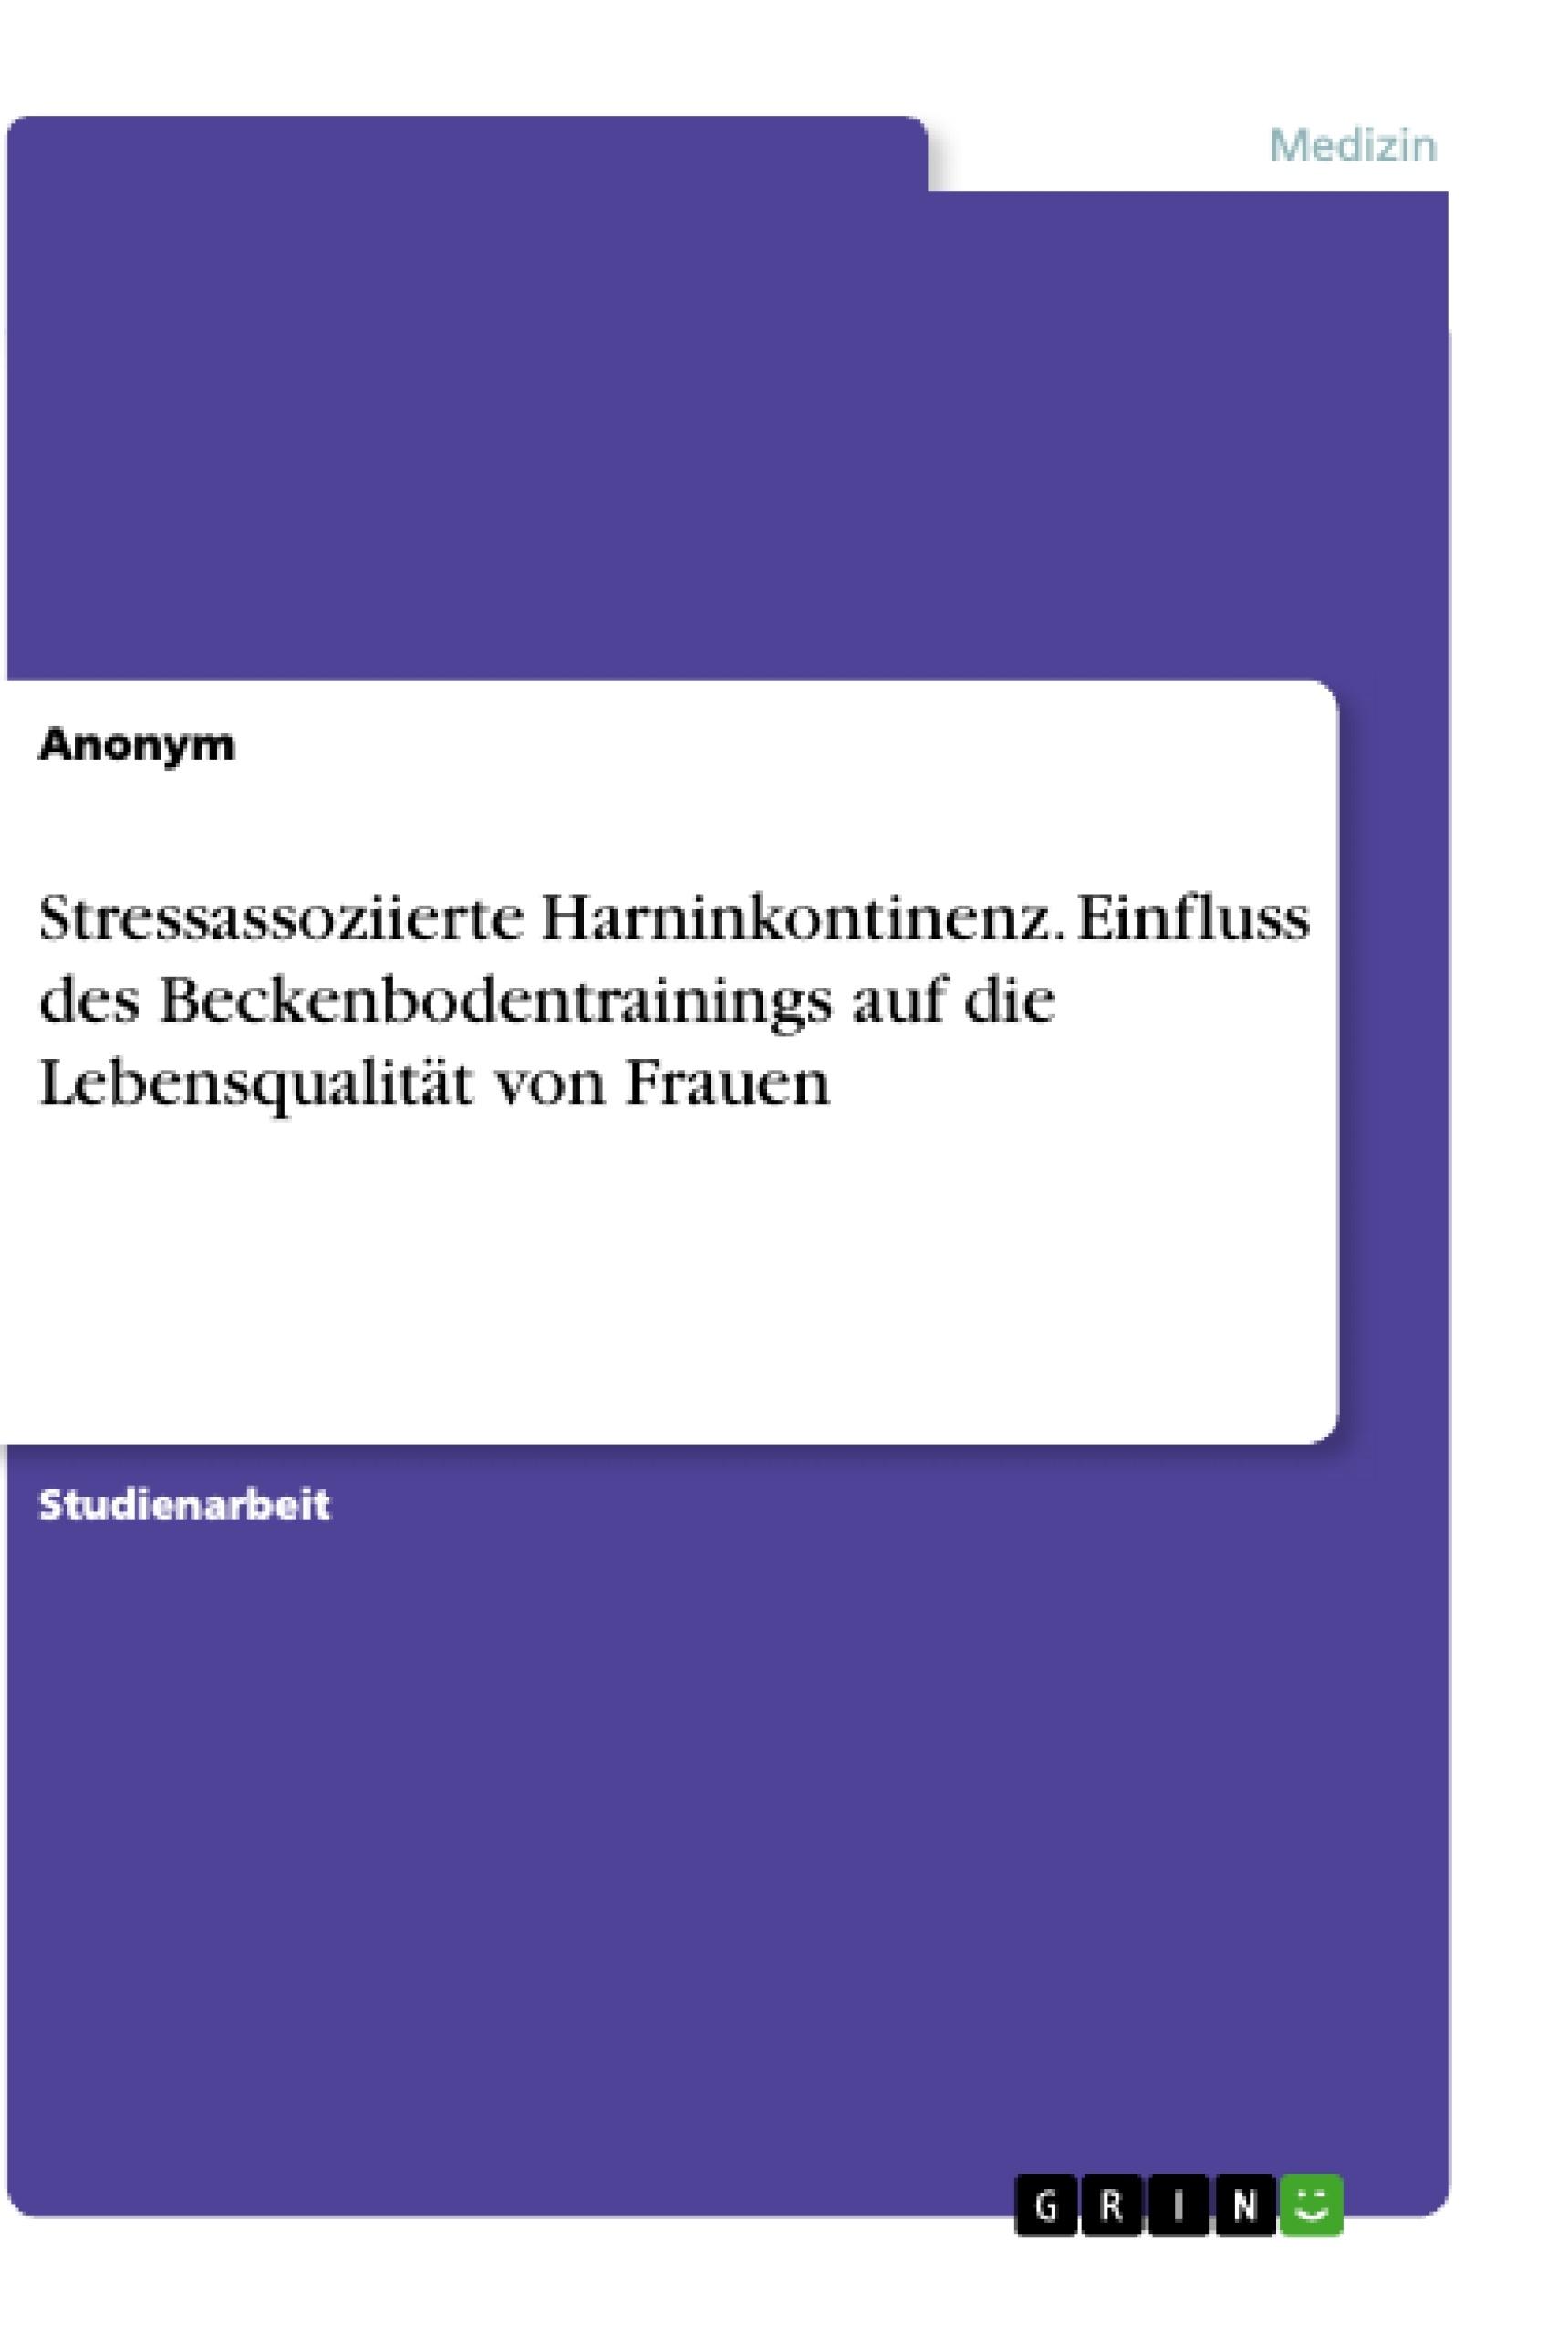 Titel: Stressassoziierte Harninkontinenz. Einfluss des Beckenbodentrainings auf die Lebensqualität von Frauen